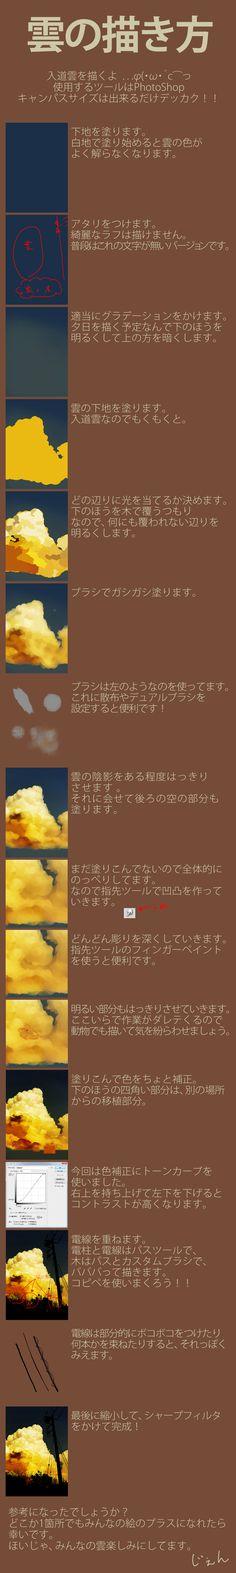 じゃん -雲の描き方